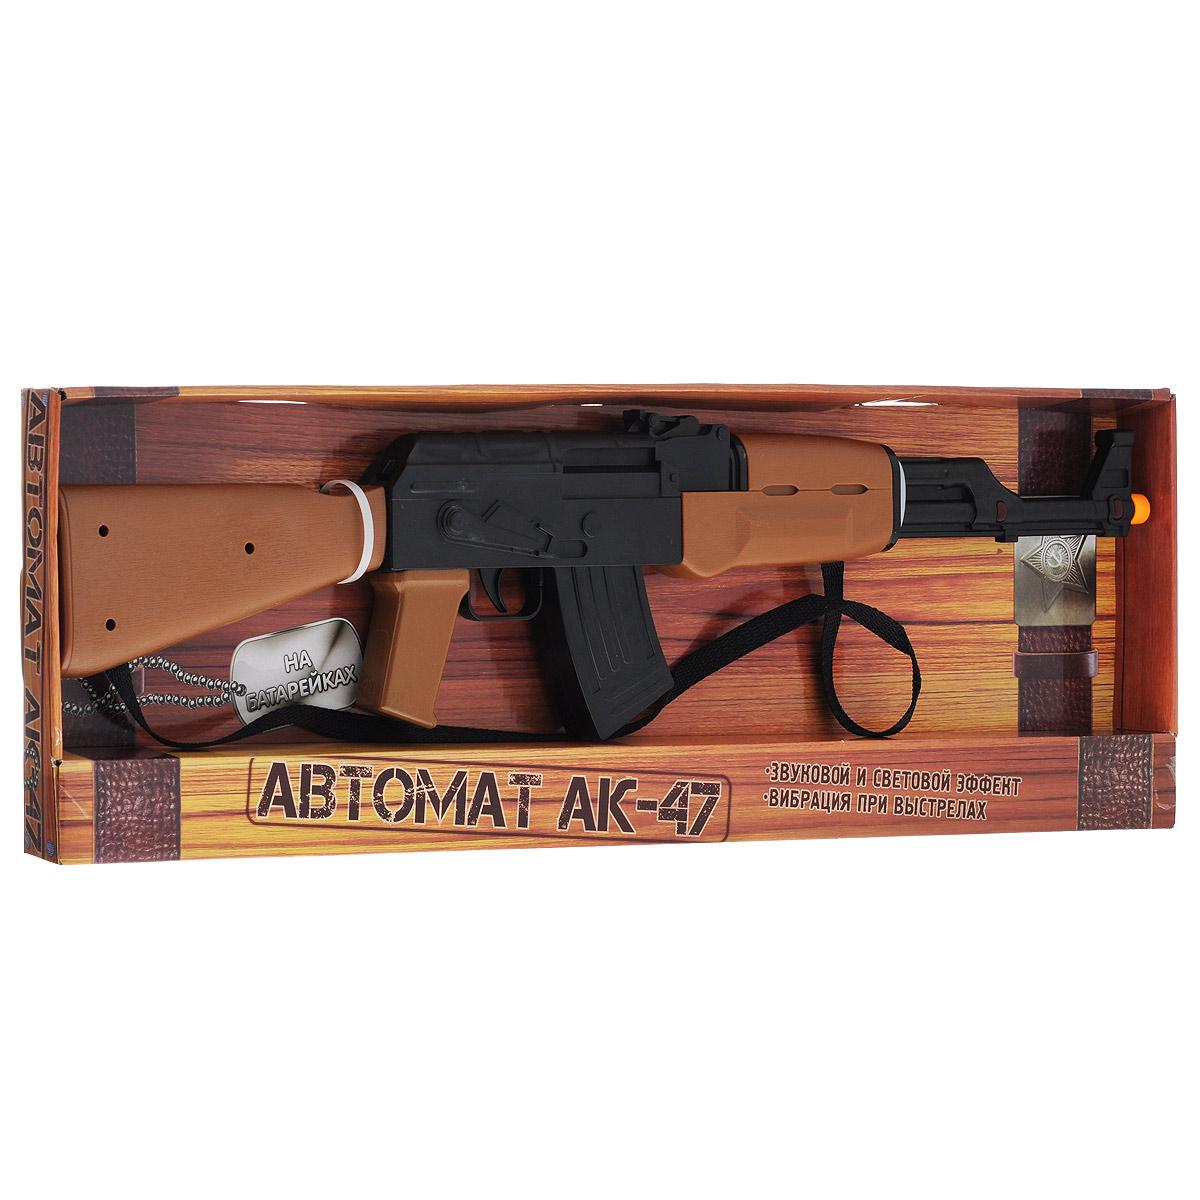 Автомат Играем вместе АК-47183134Автомат Играем вместе АК-47 приведет в восторг любого малыша. Он идеально подойдет для детских игр в отважных защитников правопорядка и дерзких бандитов. Игрушка выполнена из прочного безопасного пластика, и представляет собой реалистичную модель современного автомата модели АК-47. Эргономичный приклад автомата обеспечивает удобство во время игры. Автомат оснащен звуковыми и световыми эффектами - стрельба сопровождается реалистичной вибрацией и звуками выстрелов, а на корпусе автомата загораются красные огоньки. Также, автомат дополнен удобным плечевым ремнем. Этот автомат непременно придется по вкусу вашему ребенку, он сможет часами играть с ним, придумывая различные истории и разыгрывая сцены из любимых фильмов. Такие игры помогут малышу развить социальные и коммуникативные навыки, воображение, крупную и мелкую моторику. Порадуйте своего ребенка таким замечательным подарком! Рекомендуется докупить 2 батарейки напряжением 1,5V типа АА (товар комплектуется...